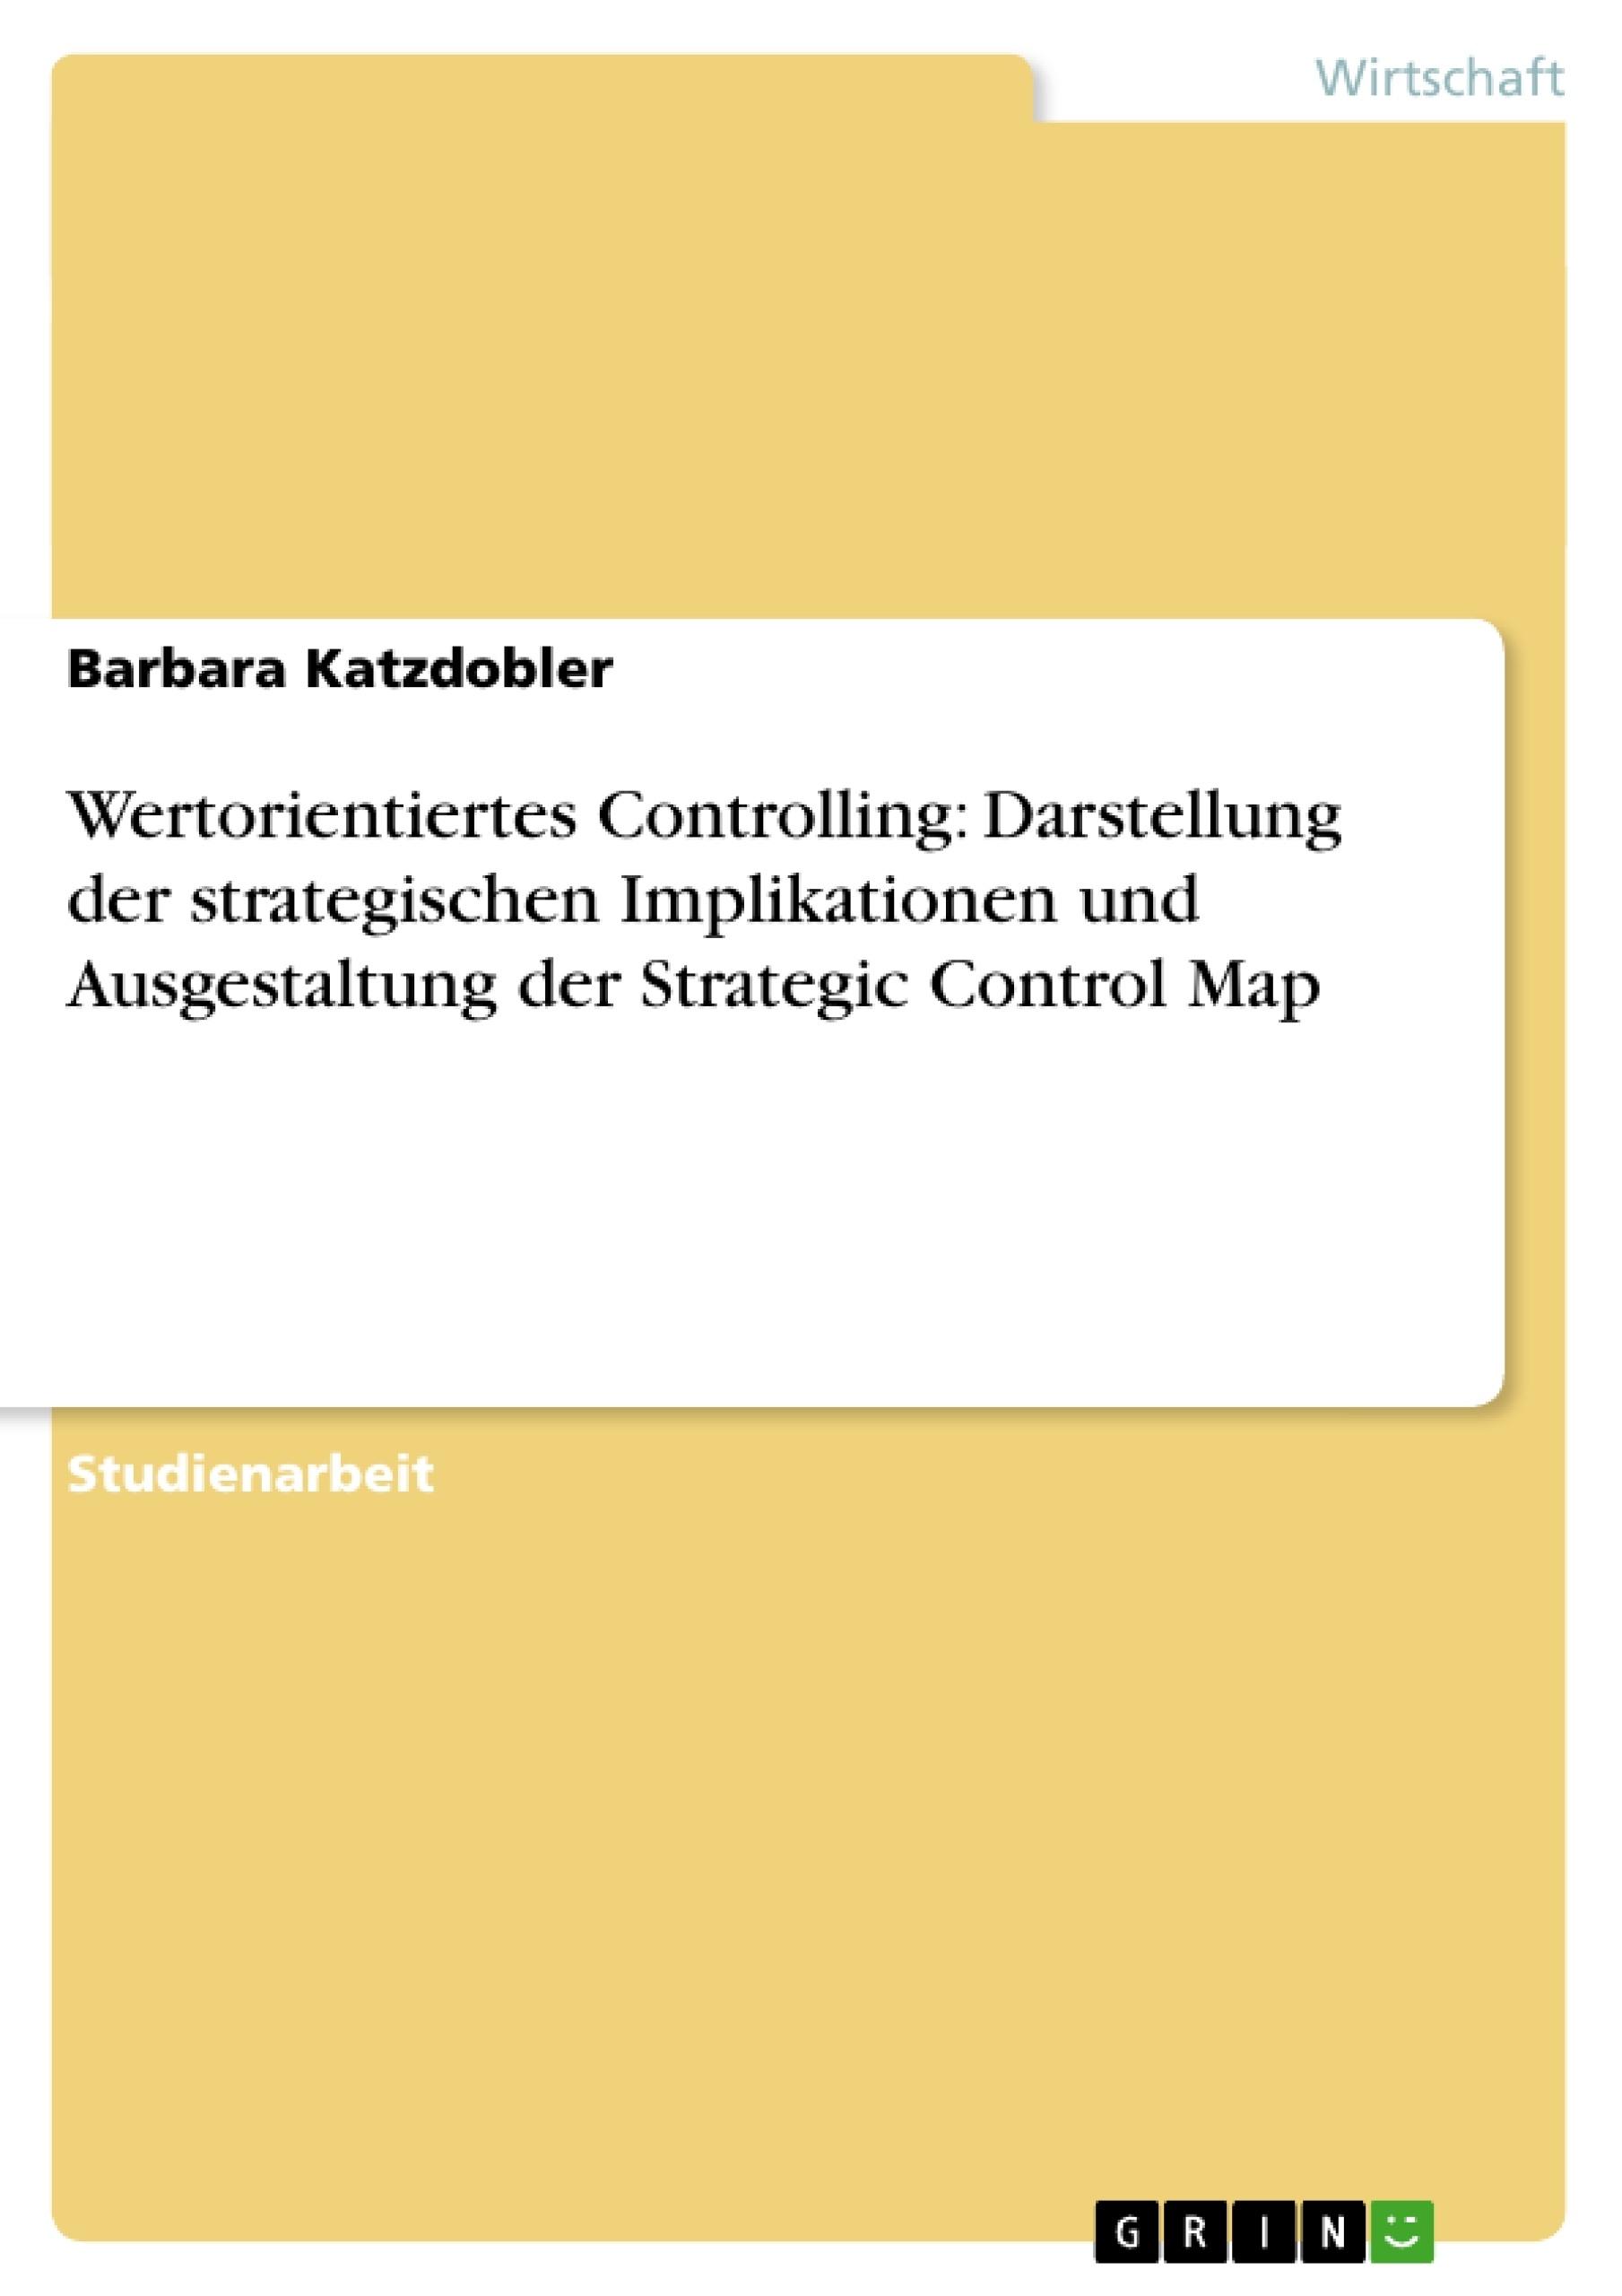 Titel: Wertorientiertes Controlling: Darstellung der strategischen Implikationen und Ausgestaltung der Strategic Control Map